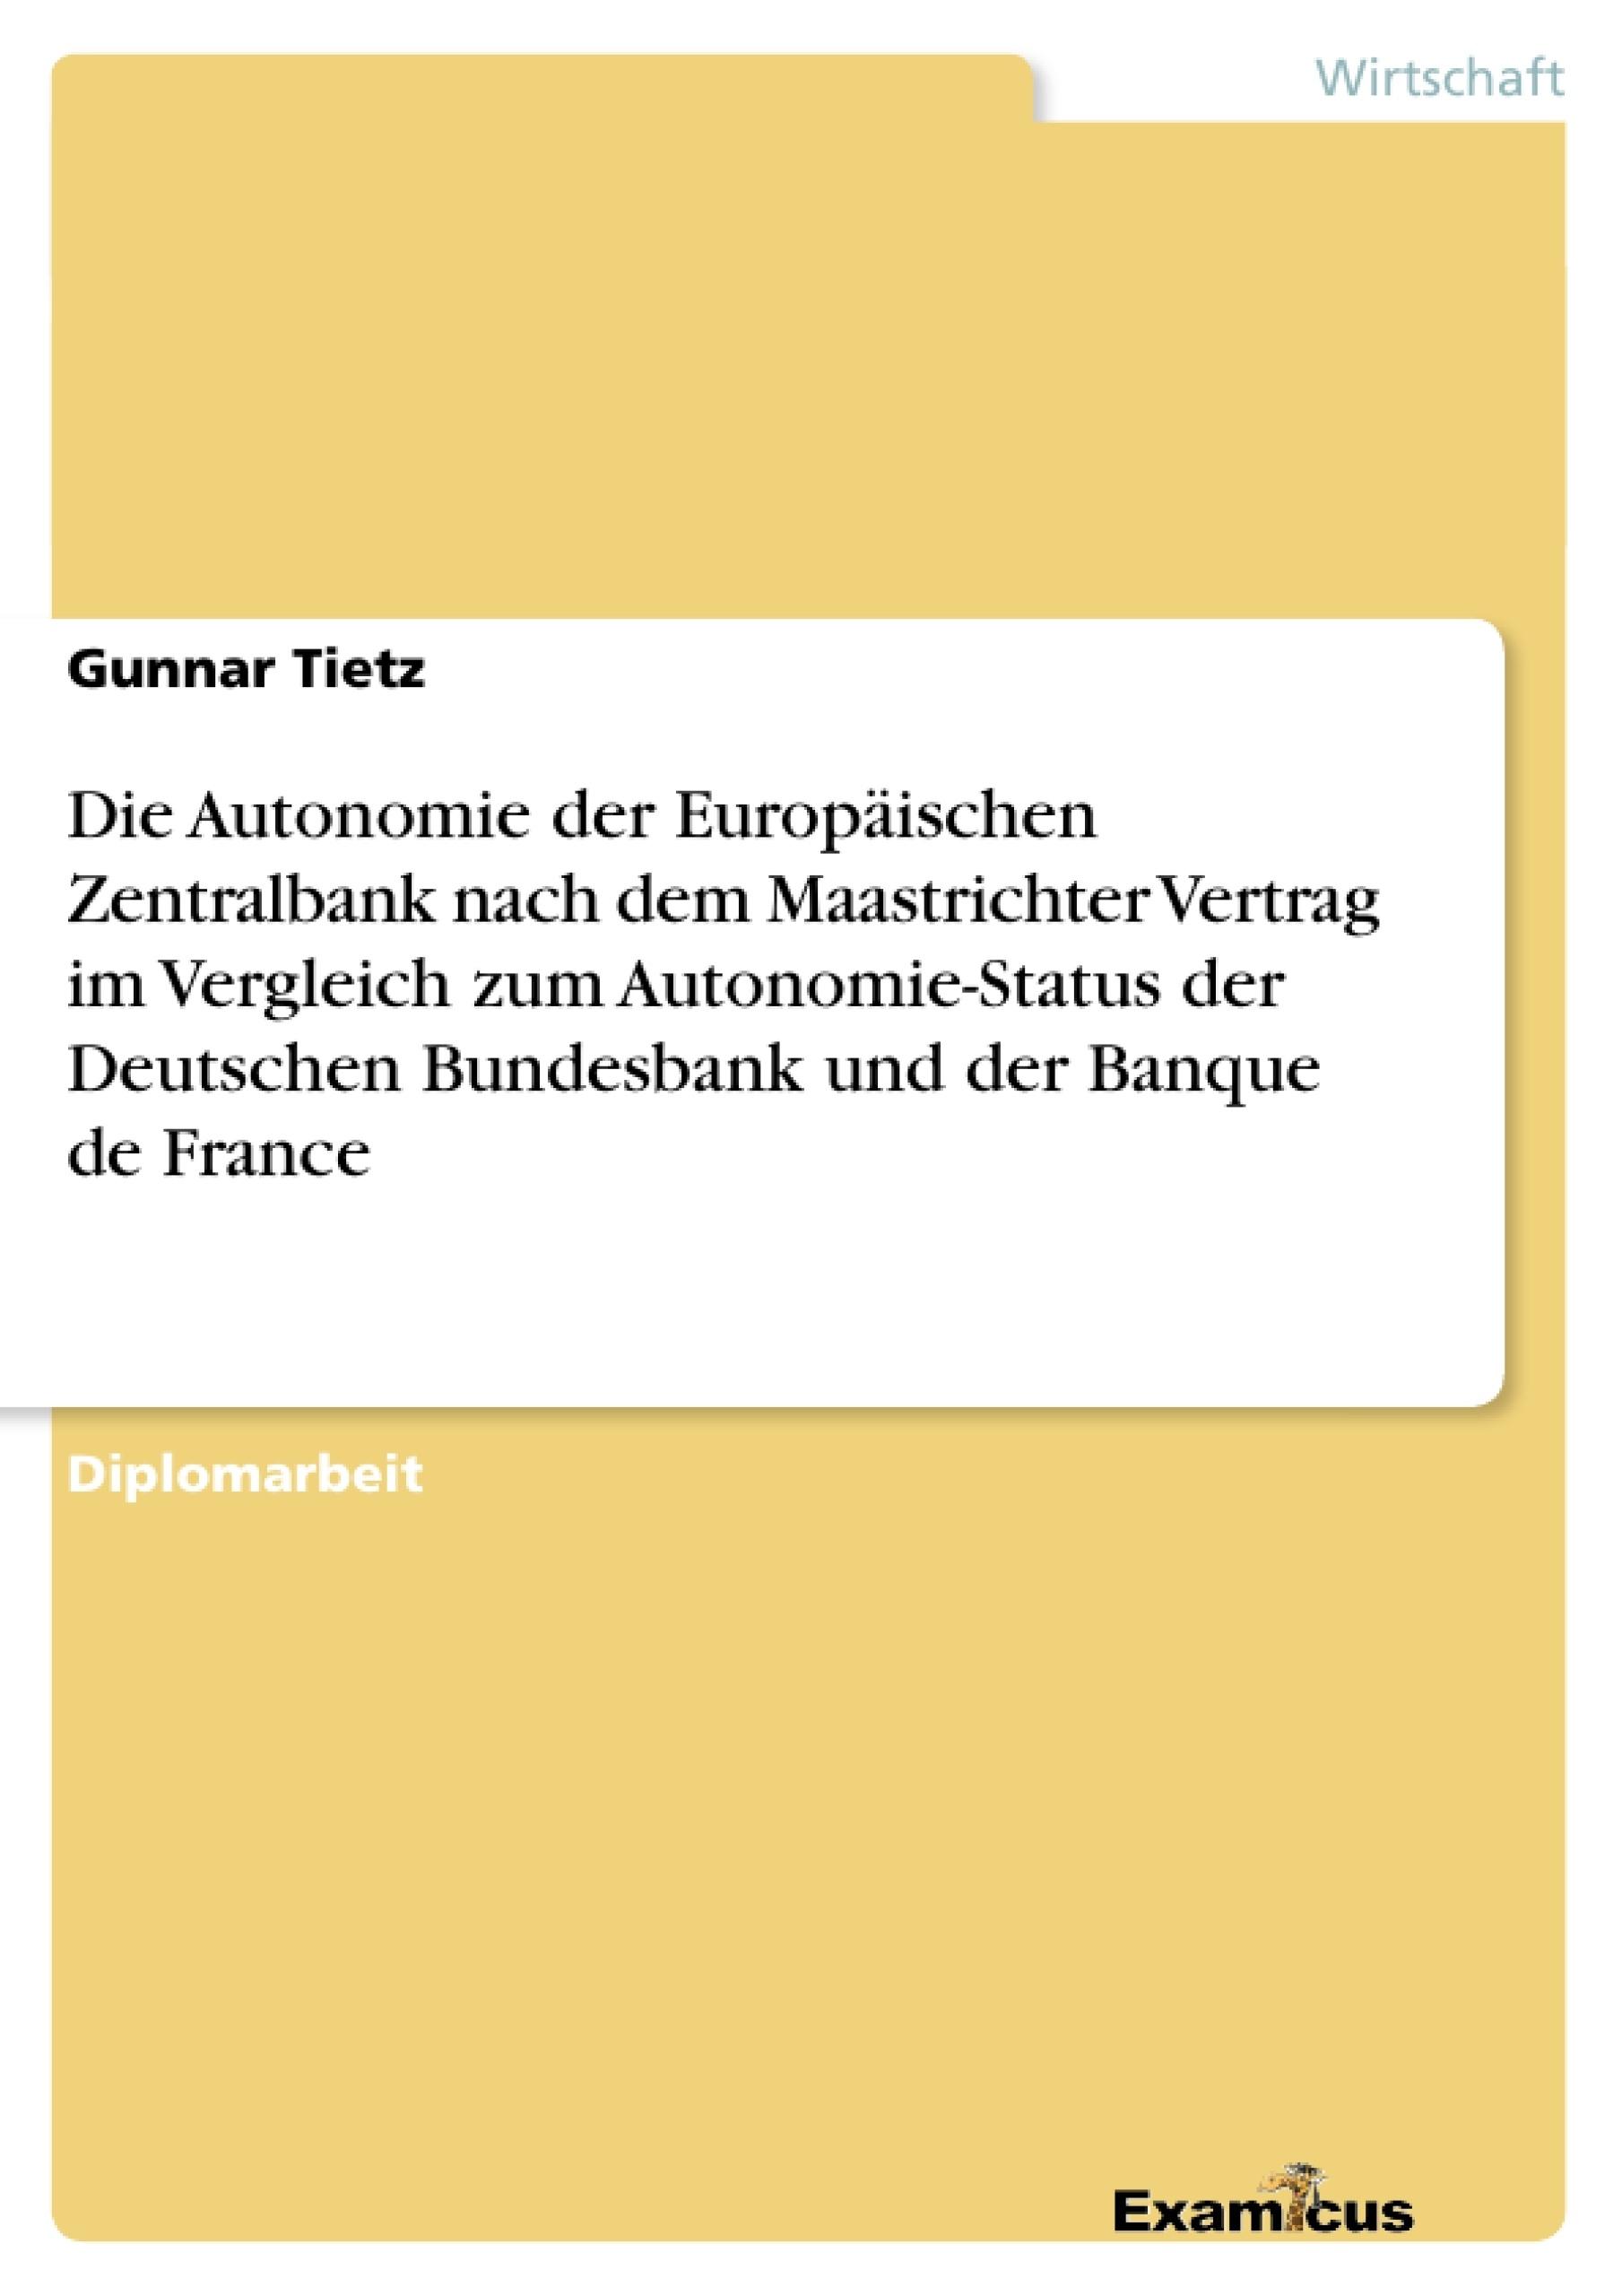 Titel: Die Autonomie der Europäischen Zentralbank nach dem Maastrichter Vertrag im Vergleich zum Autonomie-Status der Deutschen Bundesbank und der Banque de France